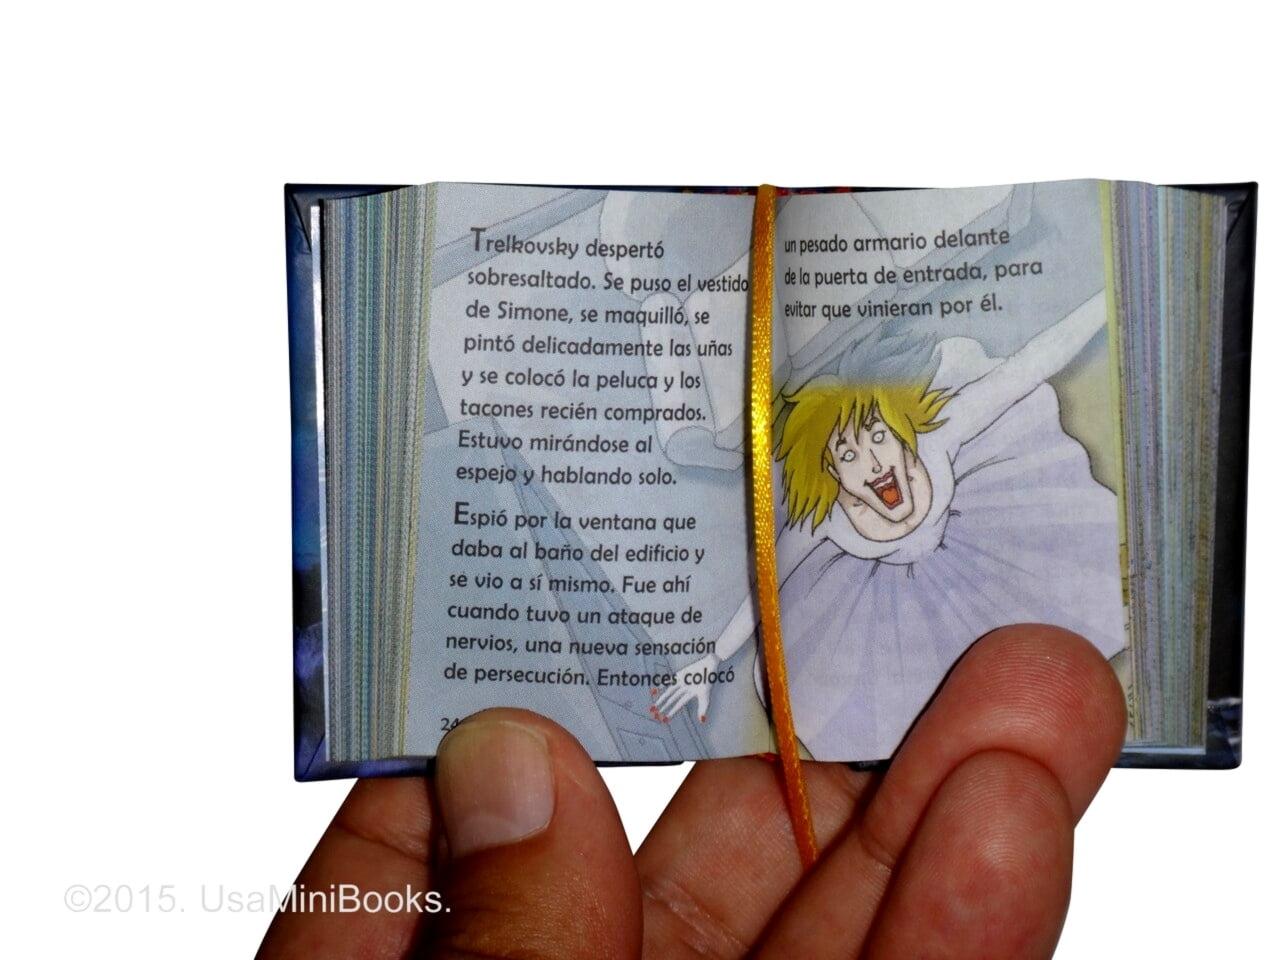 Cuentos_Terror_1-miniature-book-libro